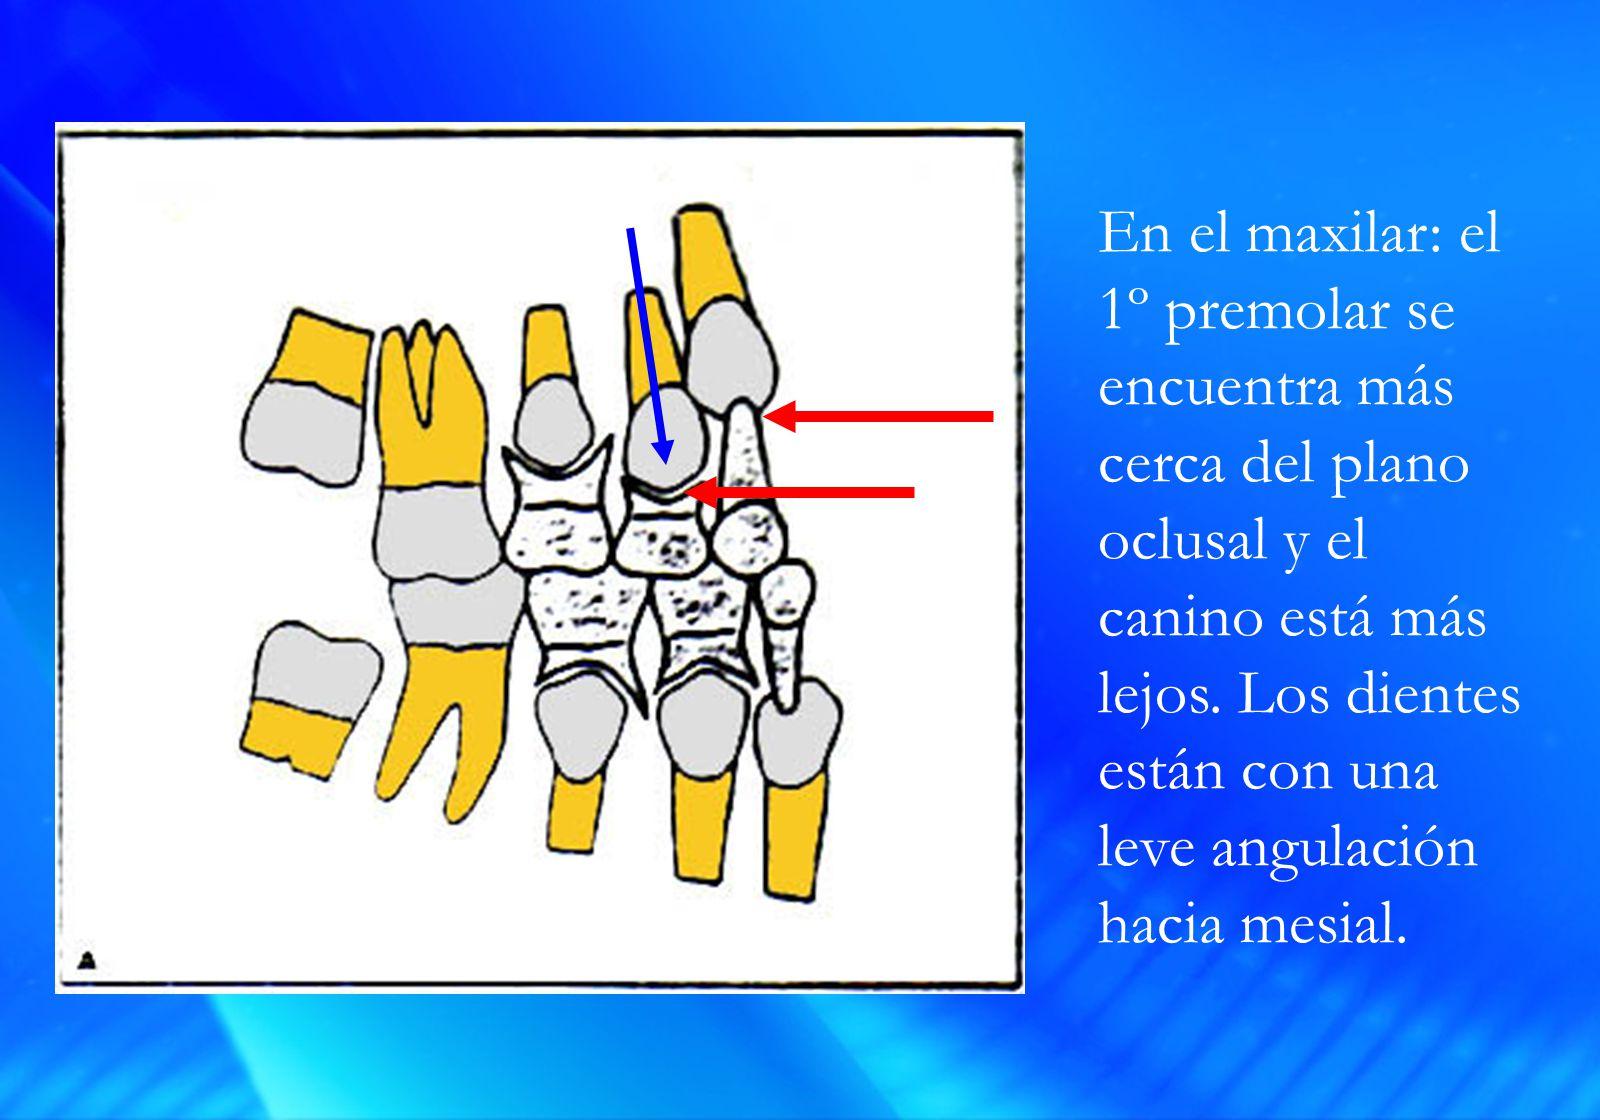 En el maxilar: el 1º premolar se encuentra más cerca del plano oclusal y el canino está más lejos.